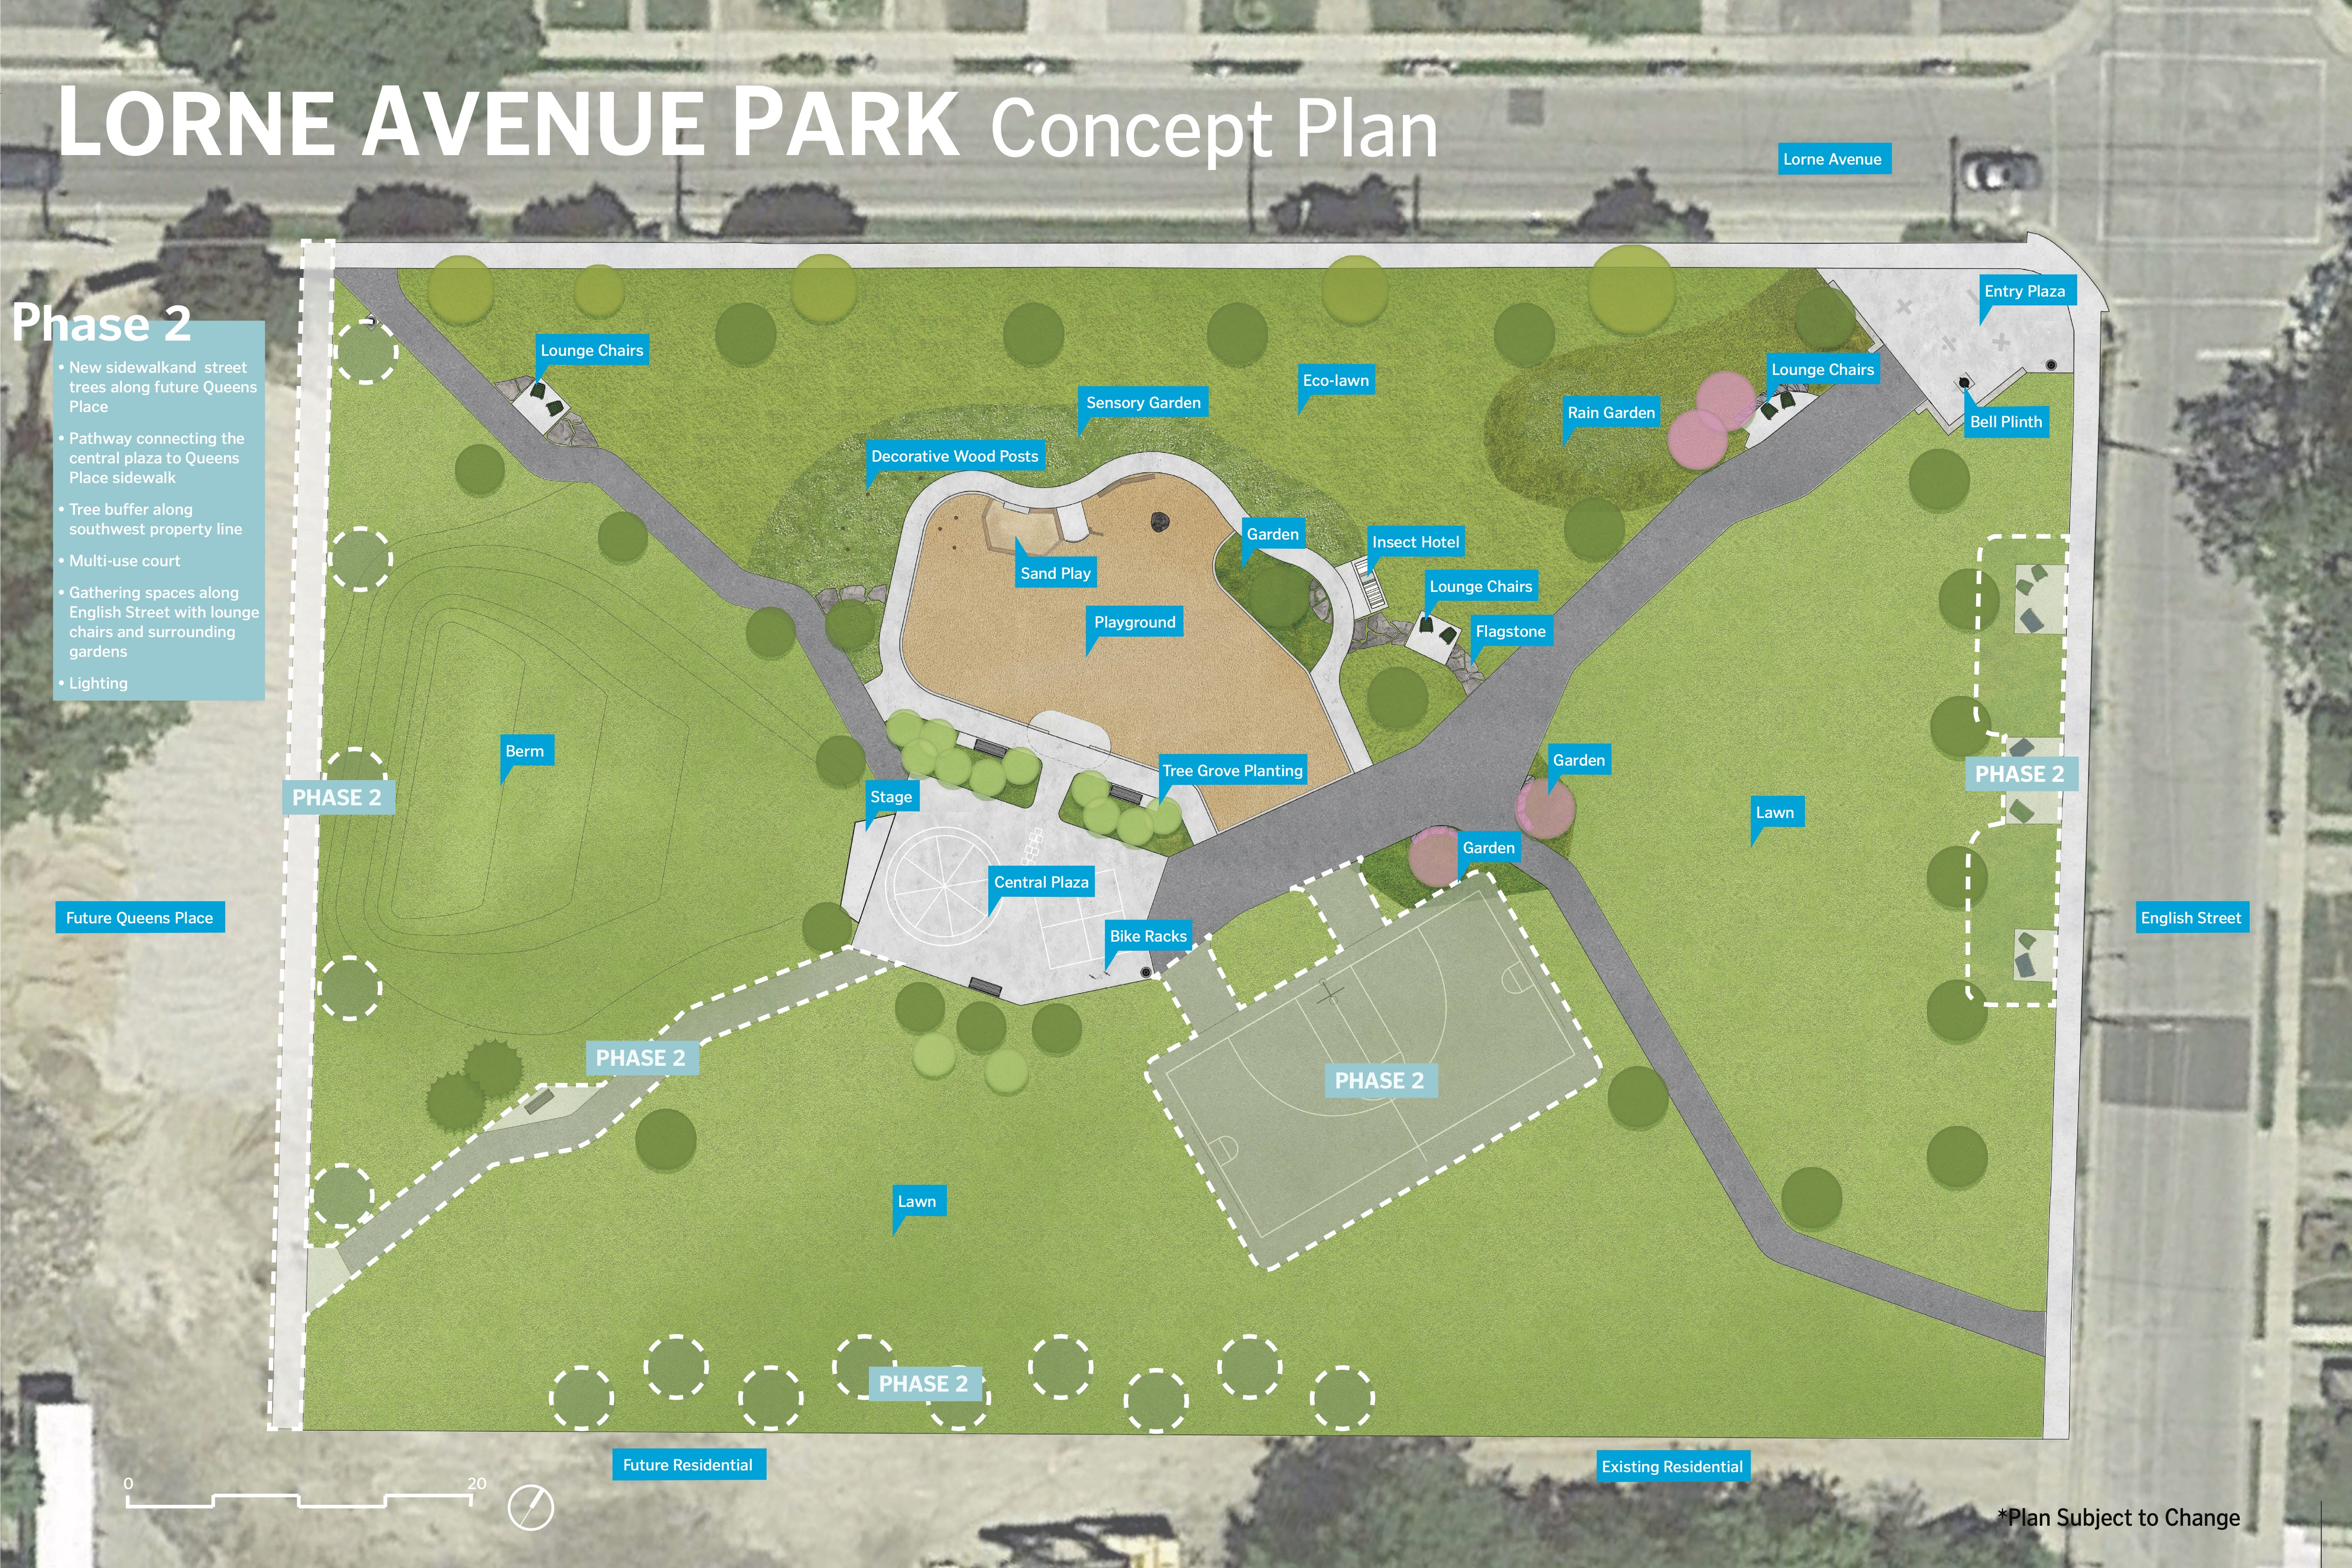 Lorne Avenue Park Concept Plan